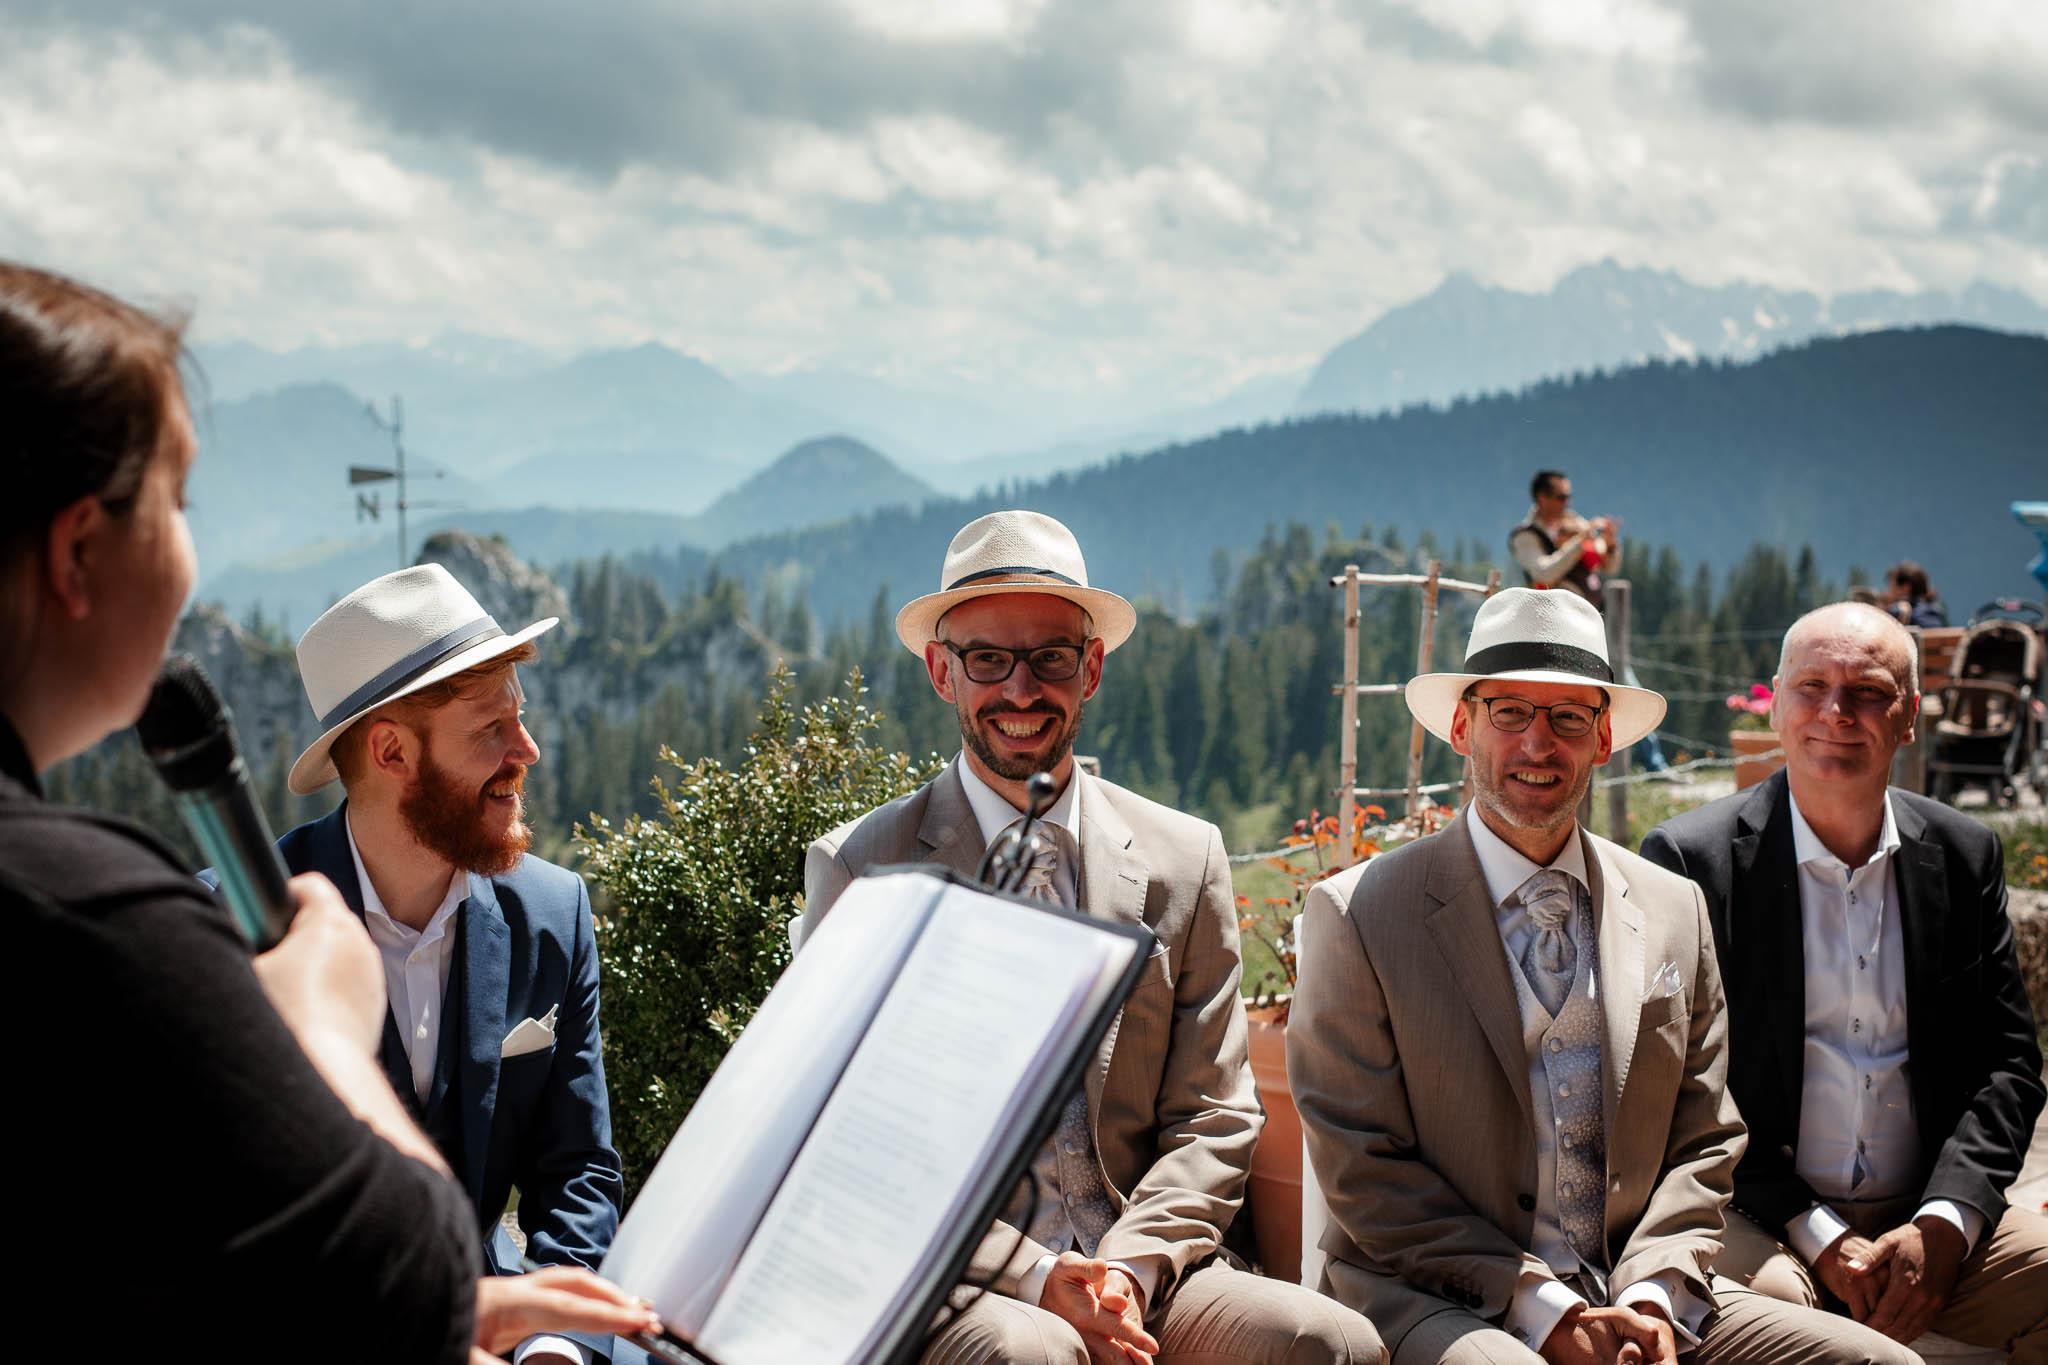 Hochzeitsfotograf Alpen, Chiemgau: freie Trauung von Dennis & Dirk 23